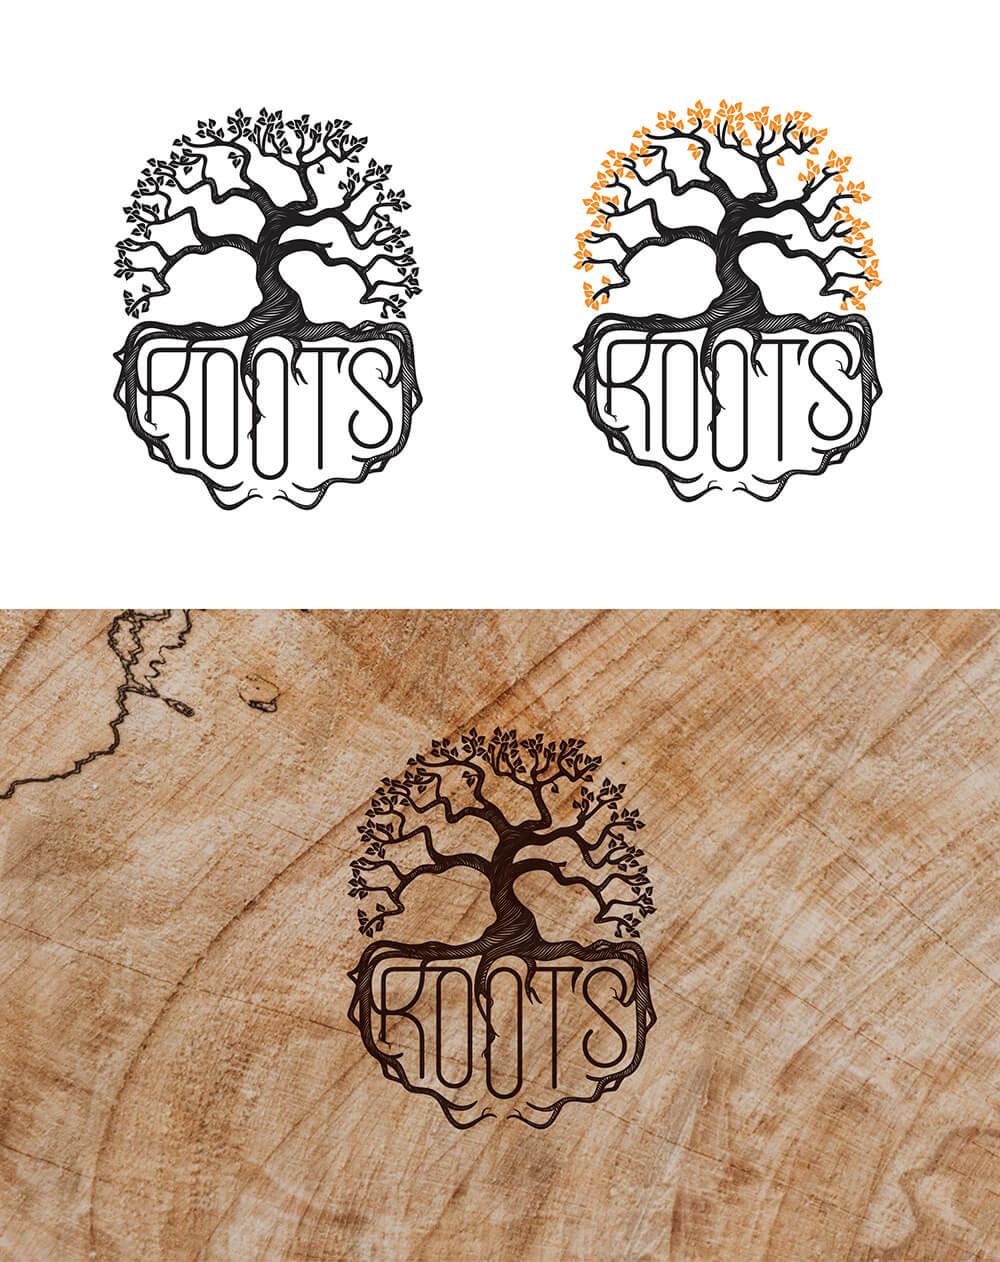 Логотип для кулинарной студии в Калининграде Roots